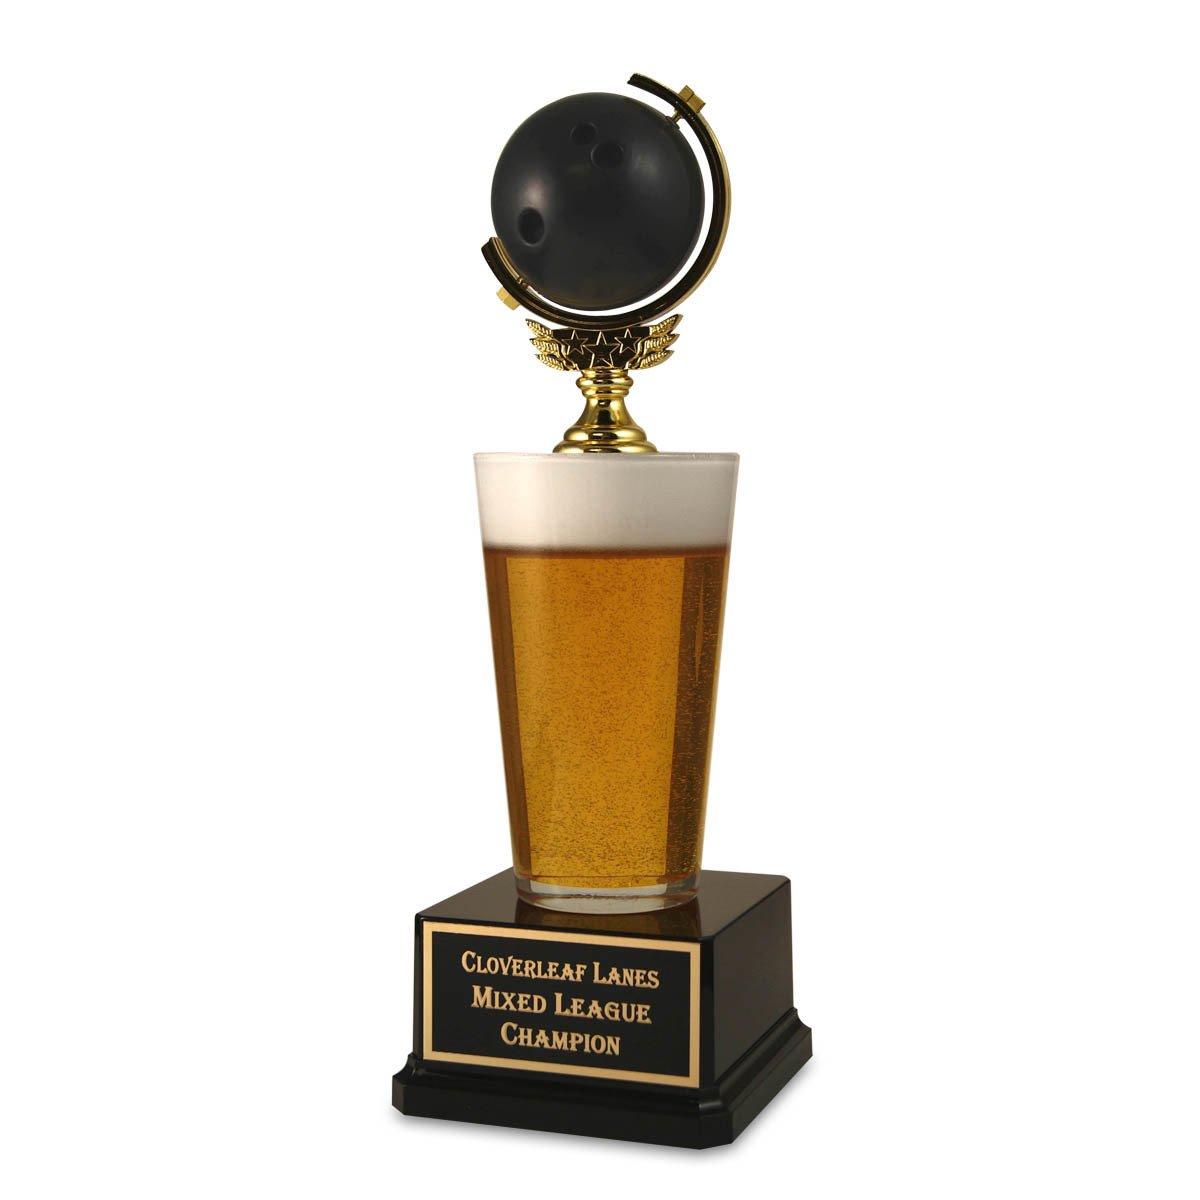 ボーリングボールビールTrophy – Funny Bowling、ボーリング賞、ボーリングピン賞by Far Out Awards B07BV5LJQ2